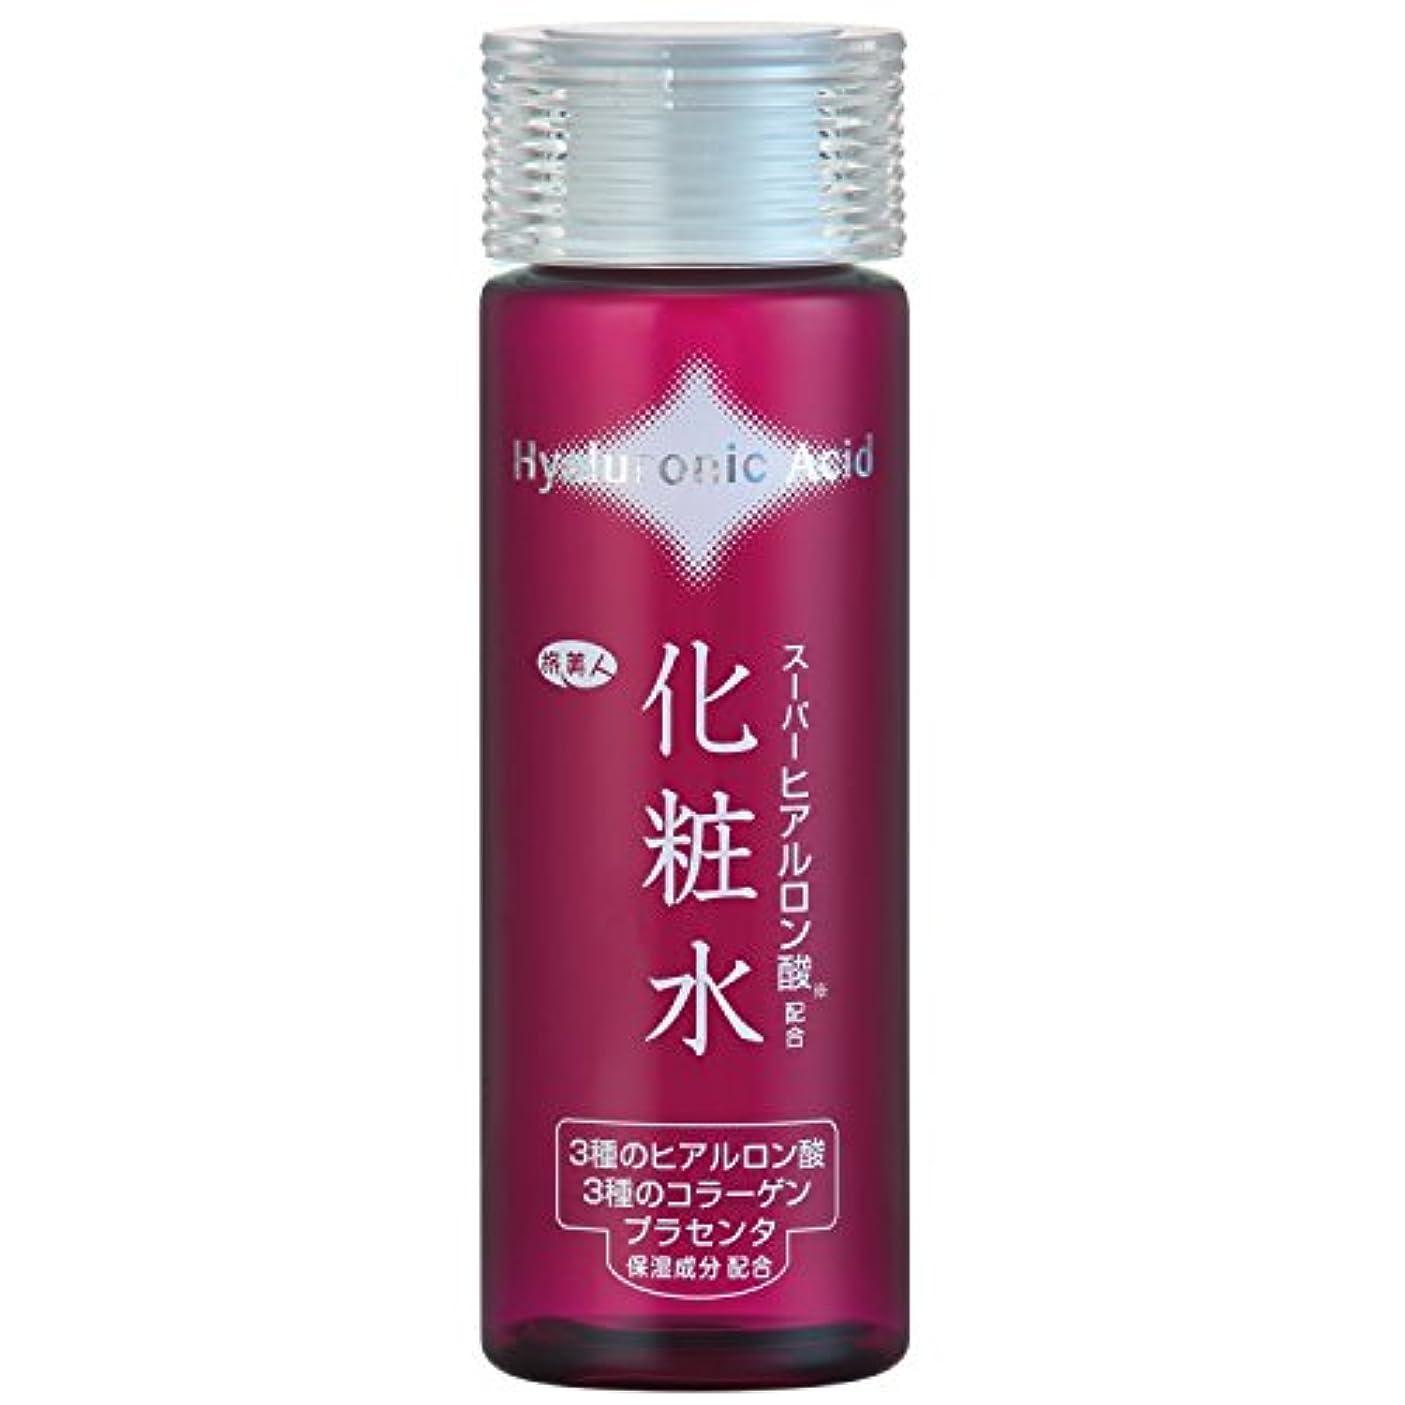 噛む置換昆虫を見るアズマ商事のスーパーヒアルロン酸配合化粧水